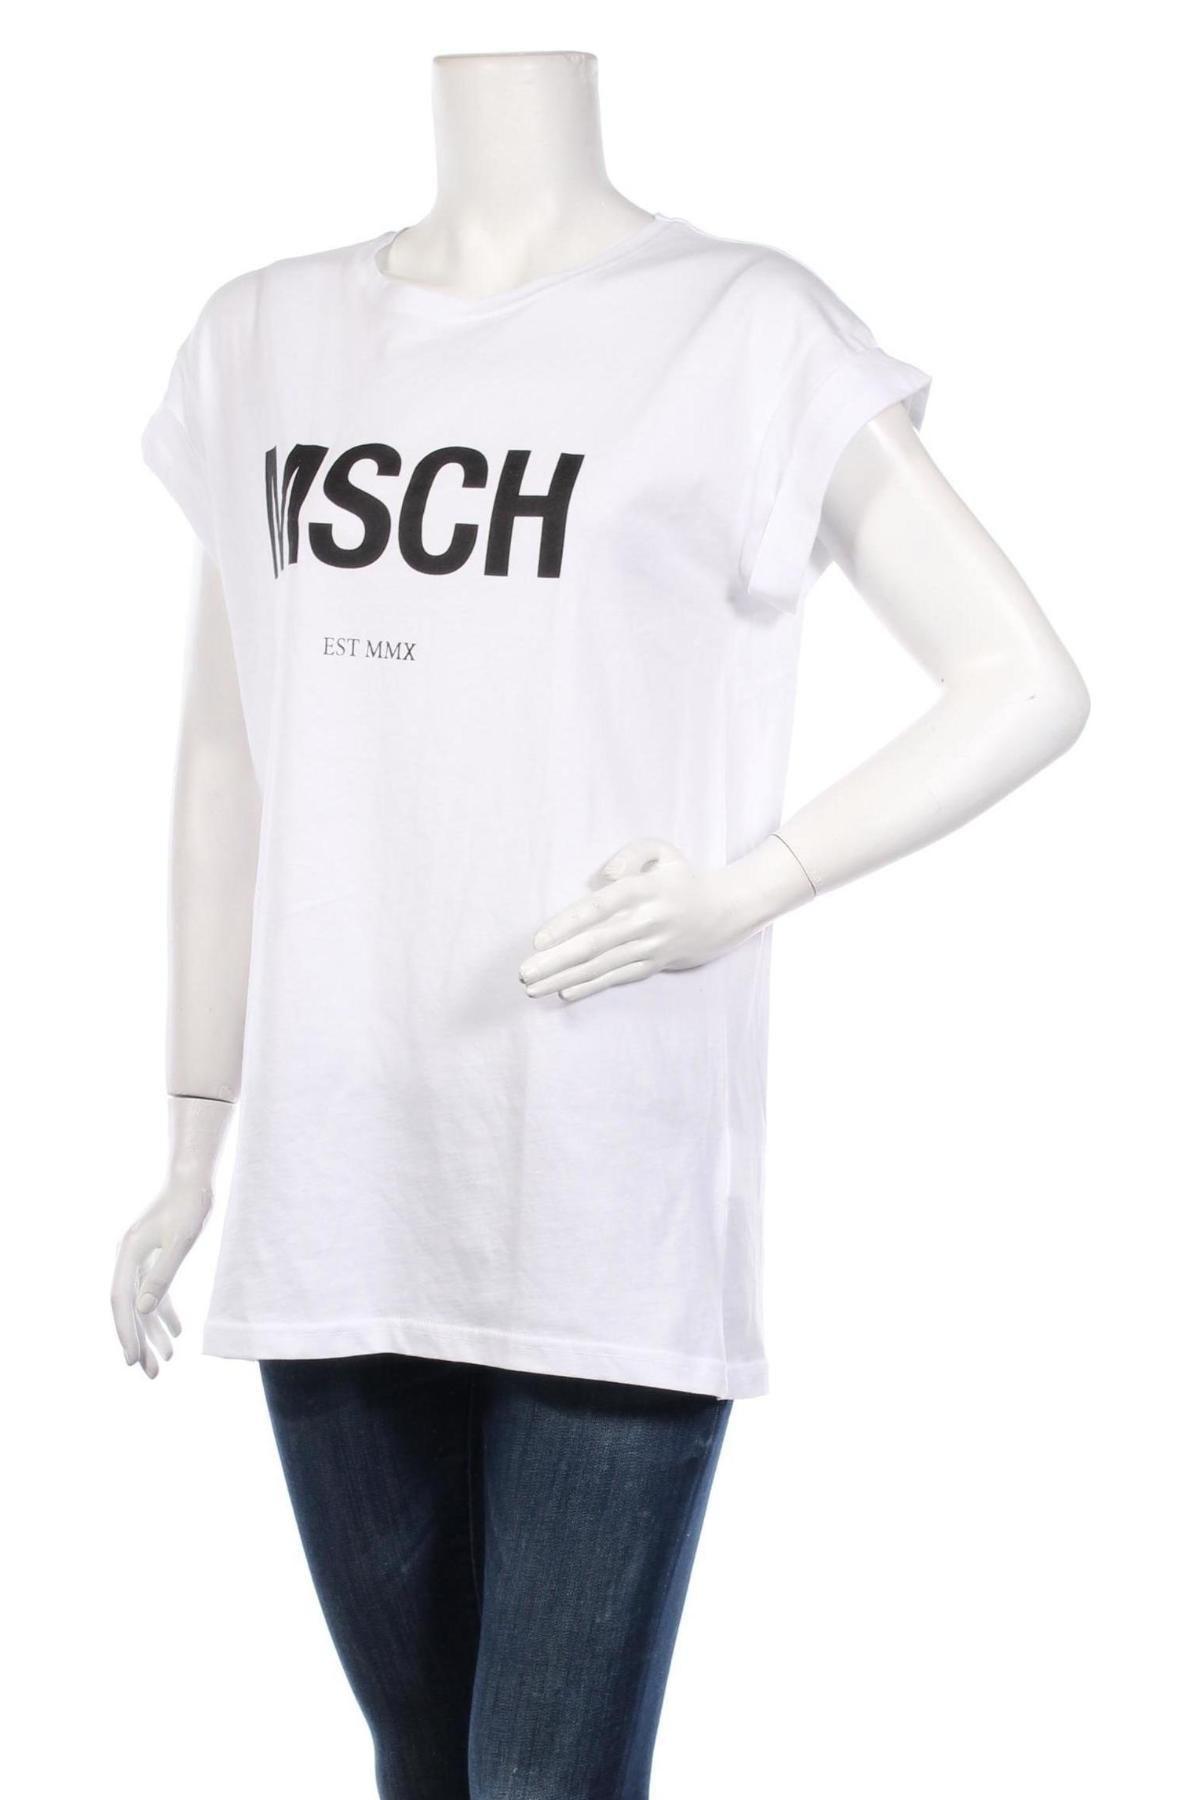 Туника MSCH, Размер S, Цвят Бял, Памук, Цена 28,42лв.